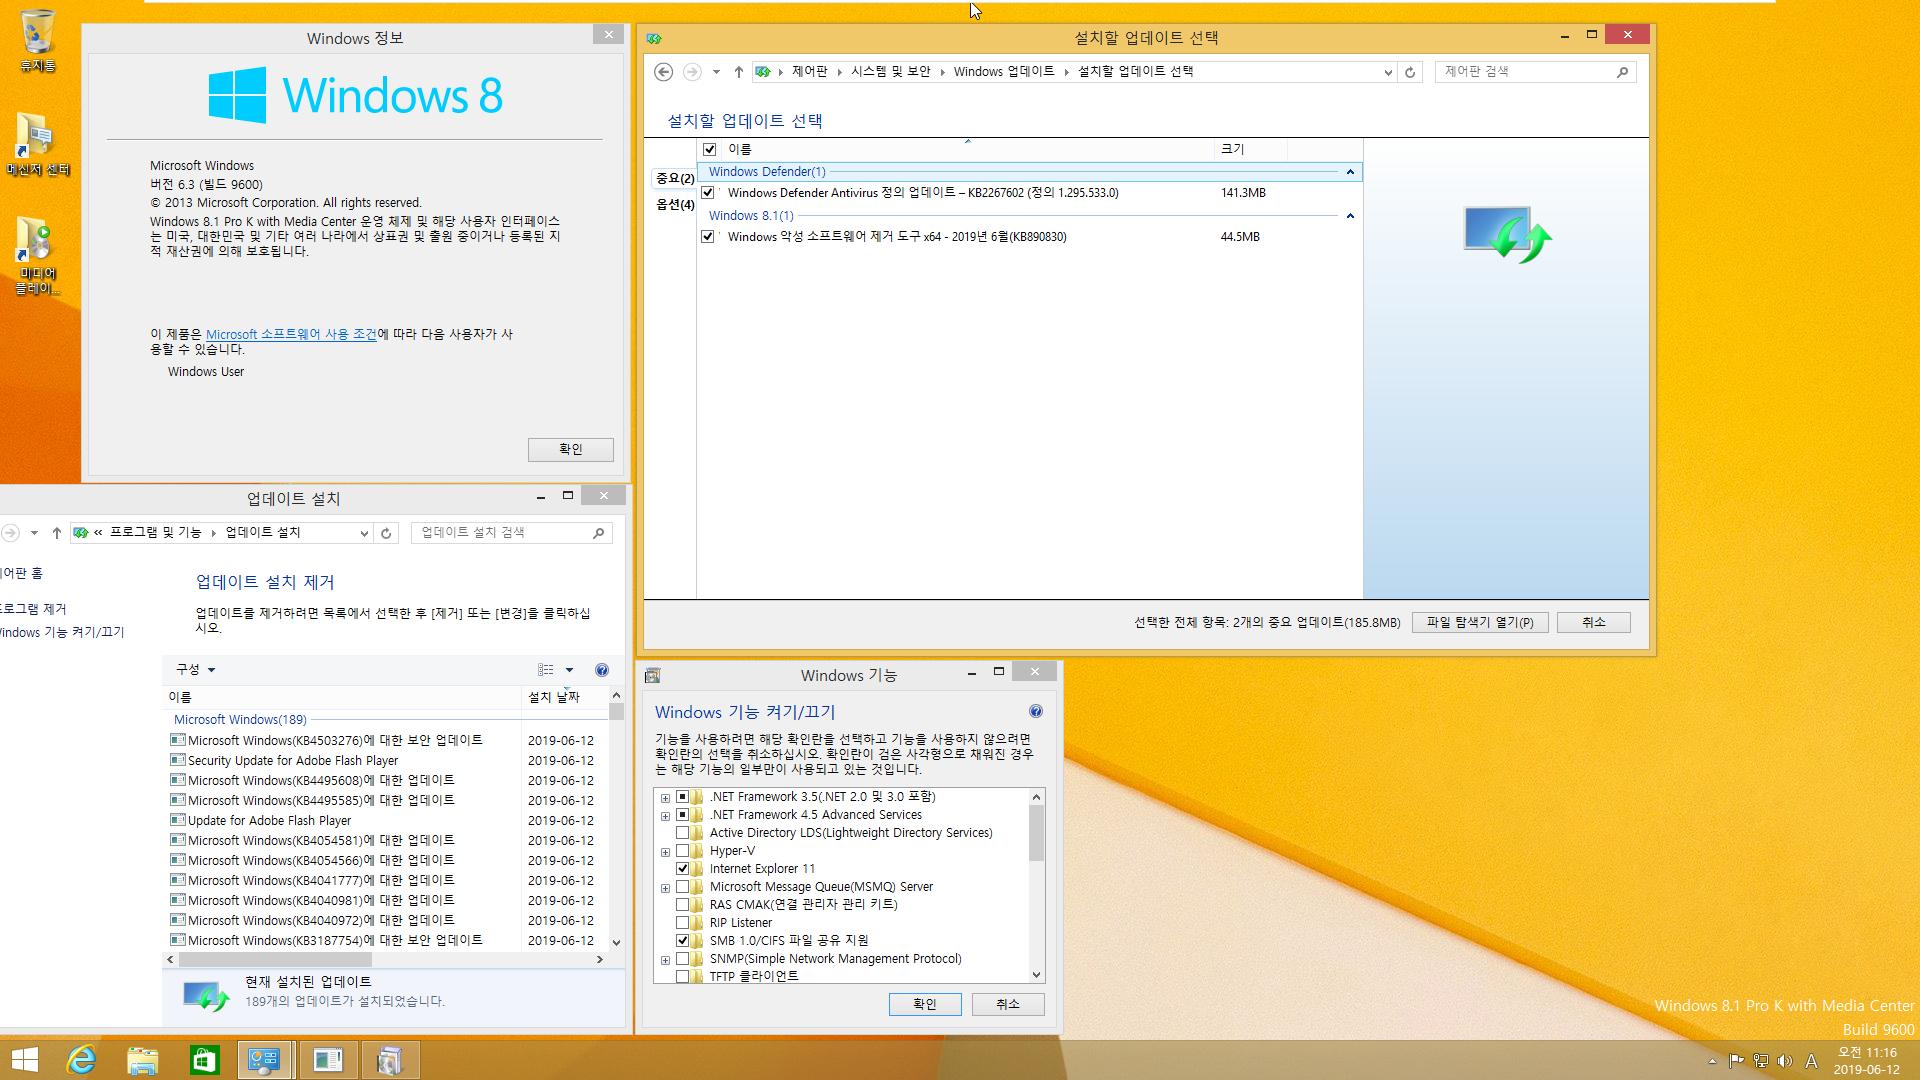 2019년 6월 12일 정기 업데이트 나왔네요 - Windows 8.1 롤업 업데이트 KB4503276 (OS 빌드 9600.19377) [2019-06-11 일자] 통합중 입니다 2019-06-12_111609.png